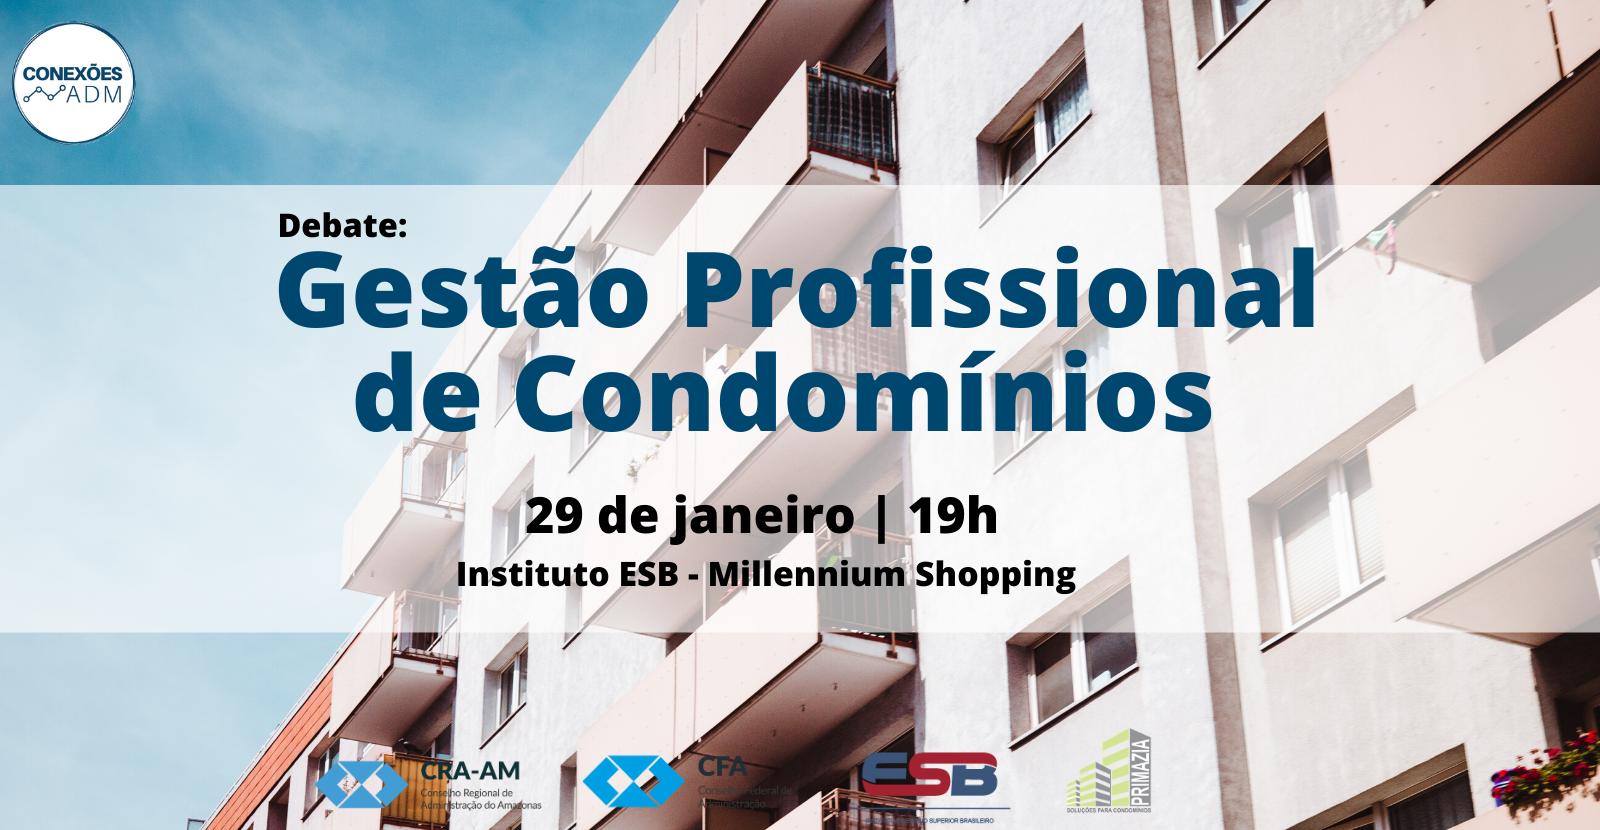 Debate: Gestão Profissional de Condomínios